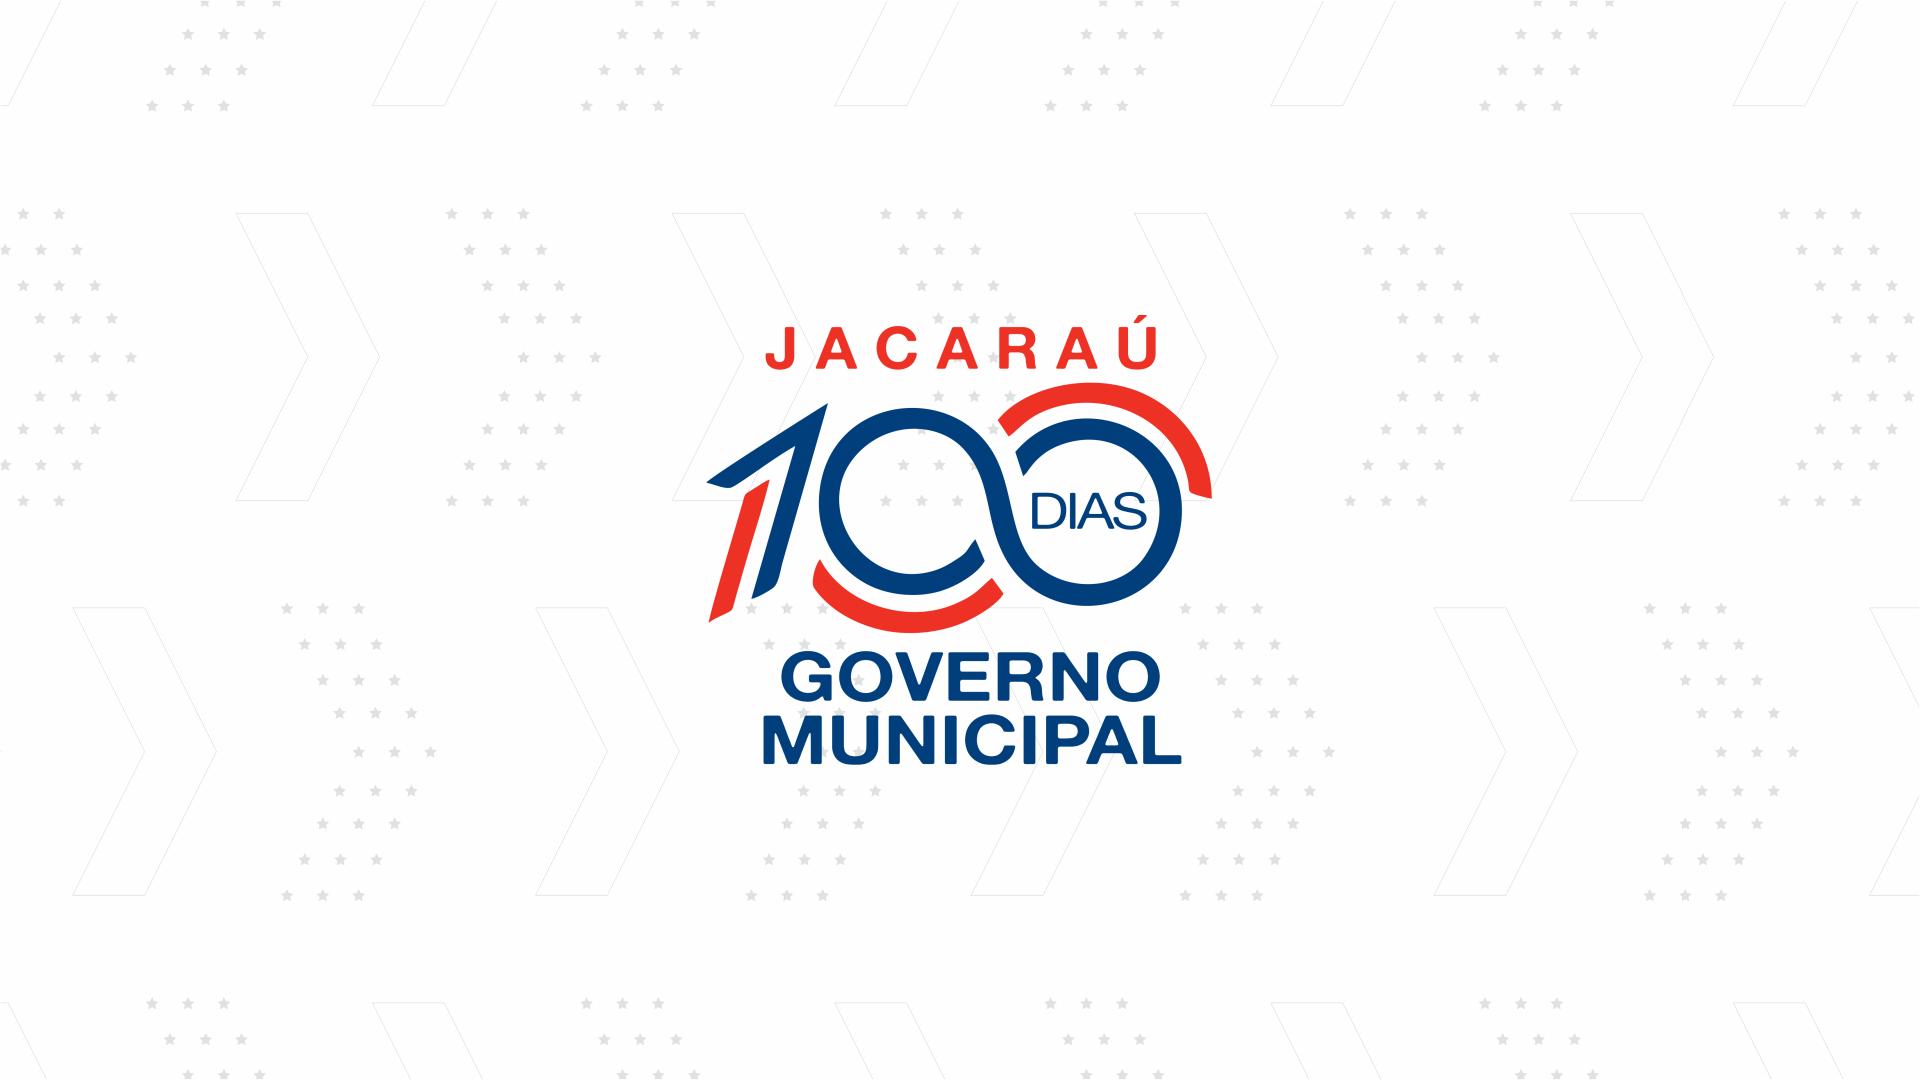 Revista dos 100 dias de gestão.